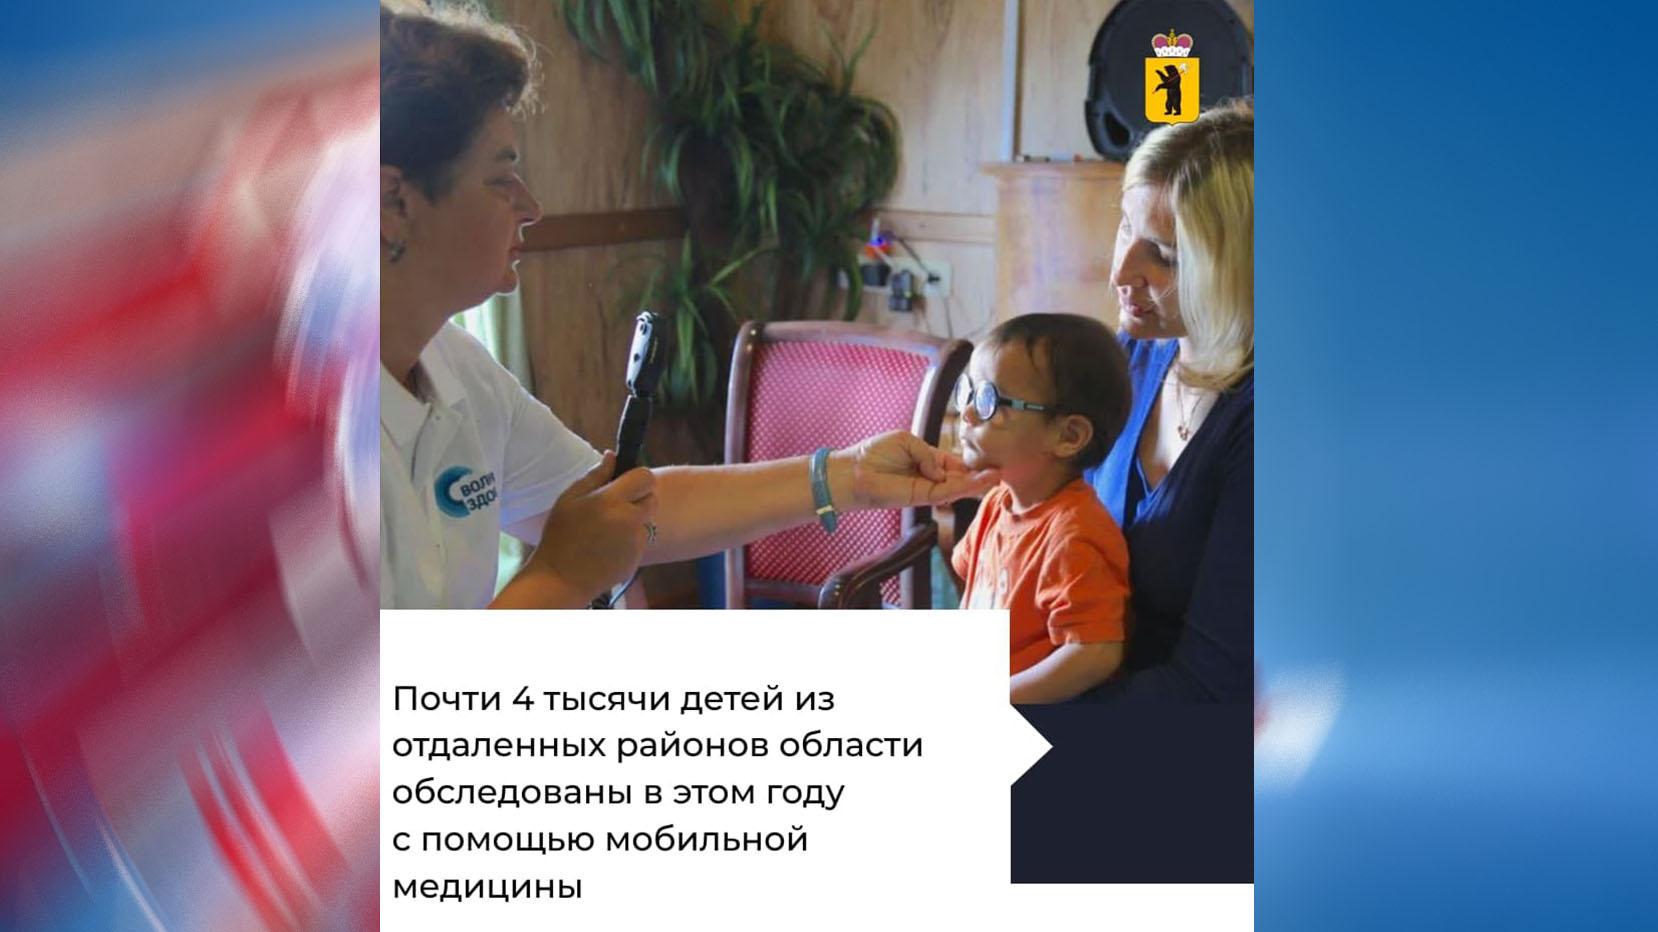 Врачи выездных бригад детской областной больницы обследовали 4 тысячи детей отдалённых районов Ярославской области